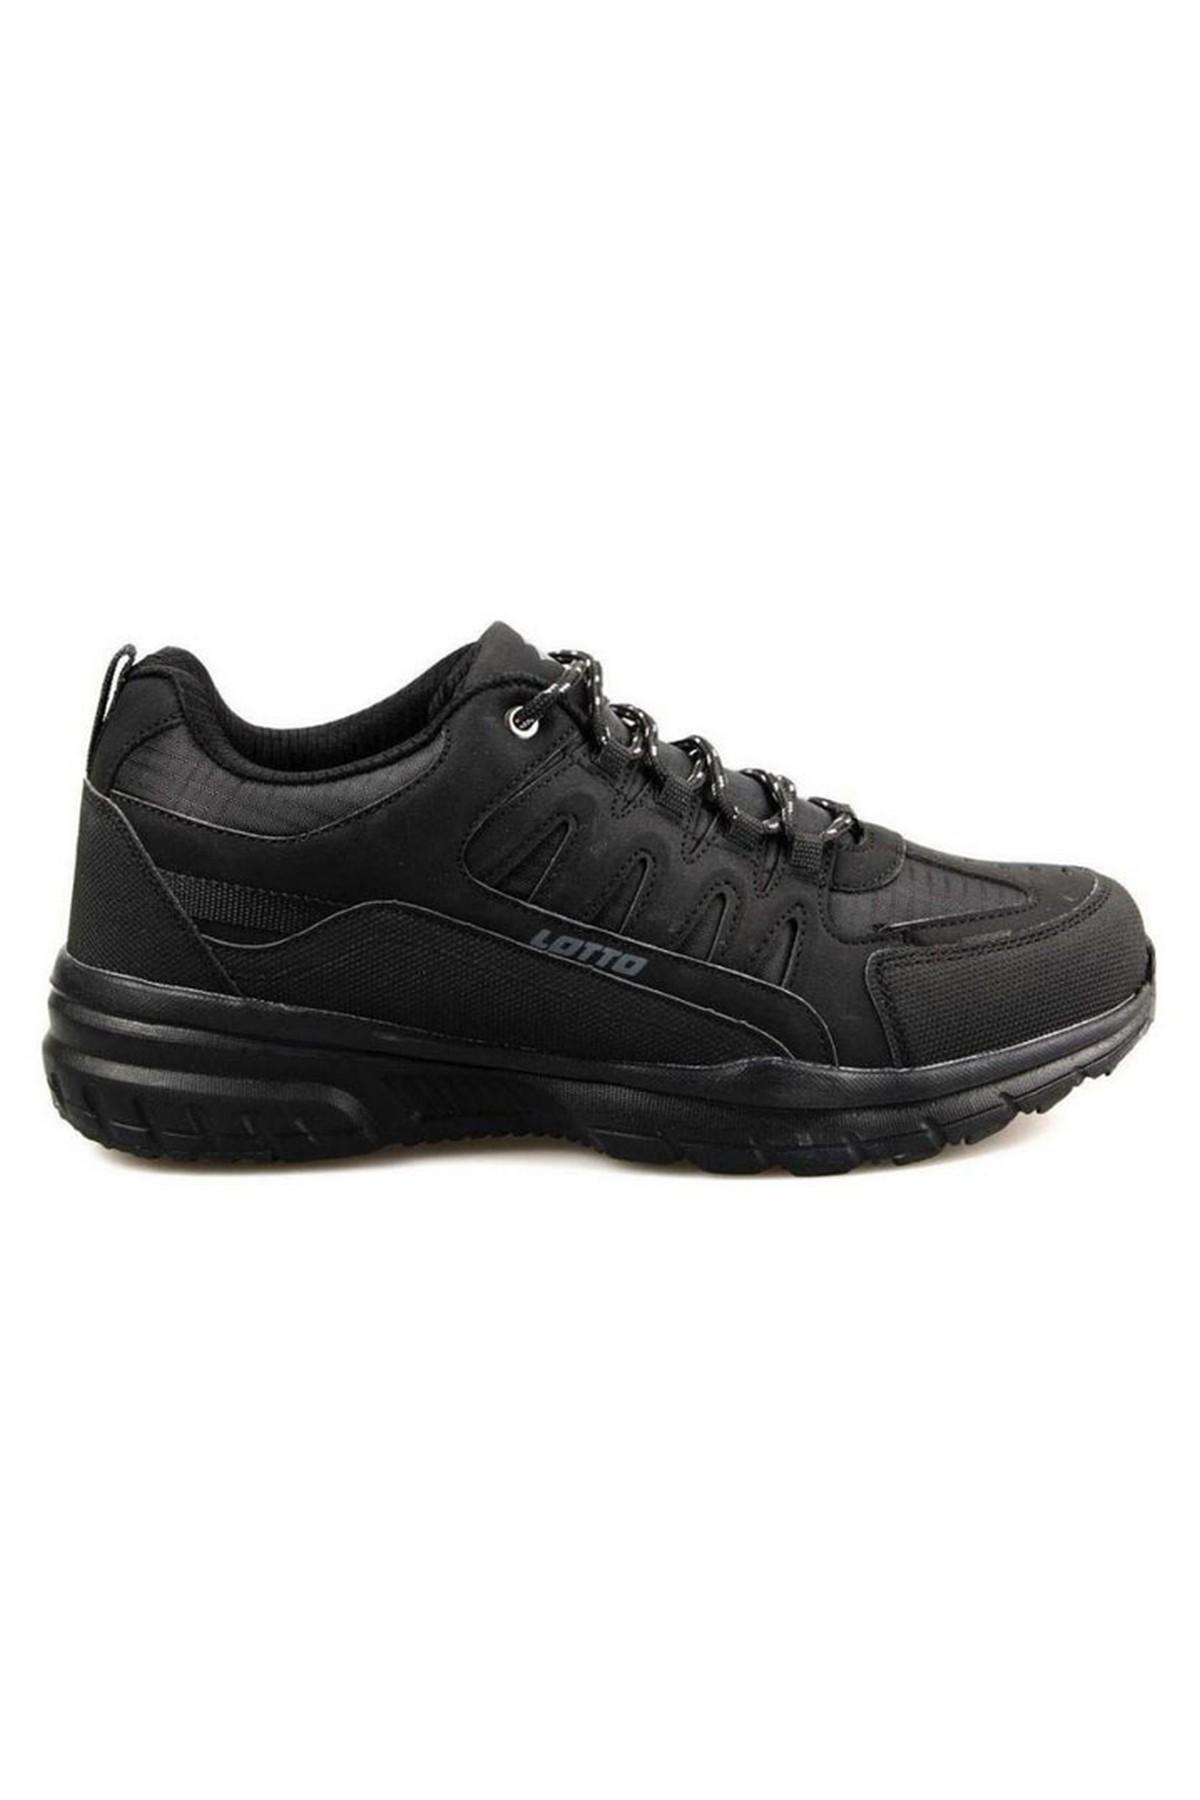 Lotto Grant Siyah Erkek Günlük Ve Yüryüş Spor Ayakkabı (T0401)